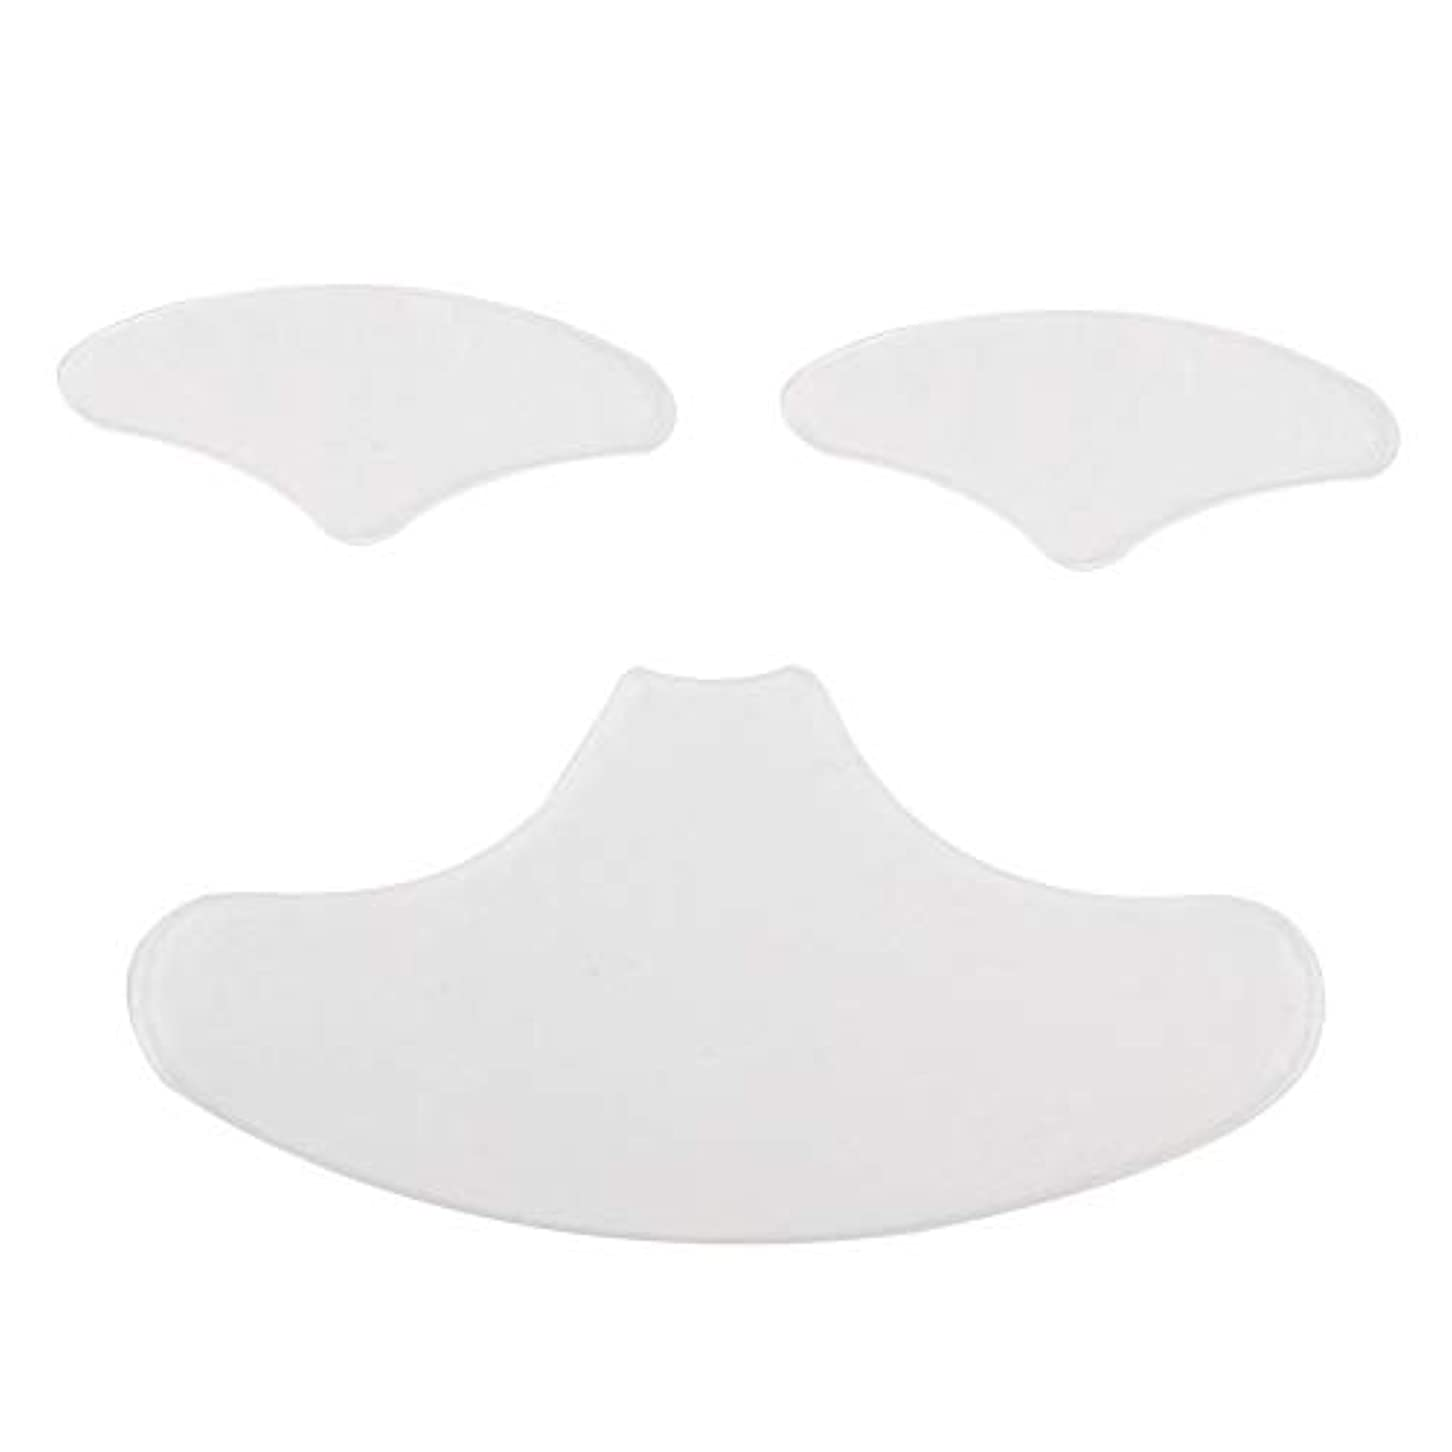 週末偽装する新しさシリコーン フェイスマスク アイマスク 顔面パッド